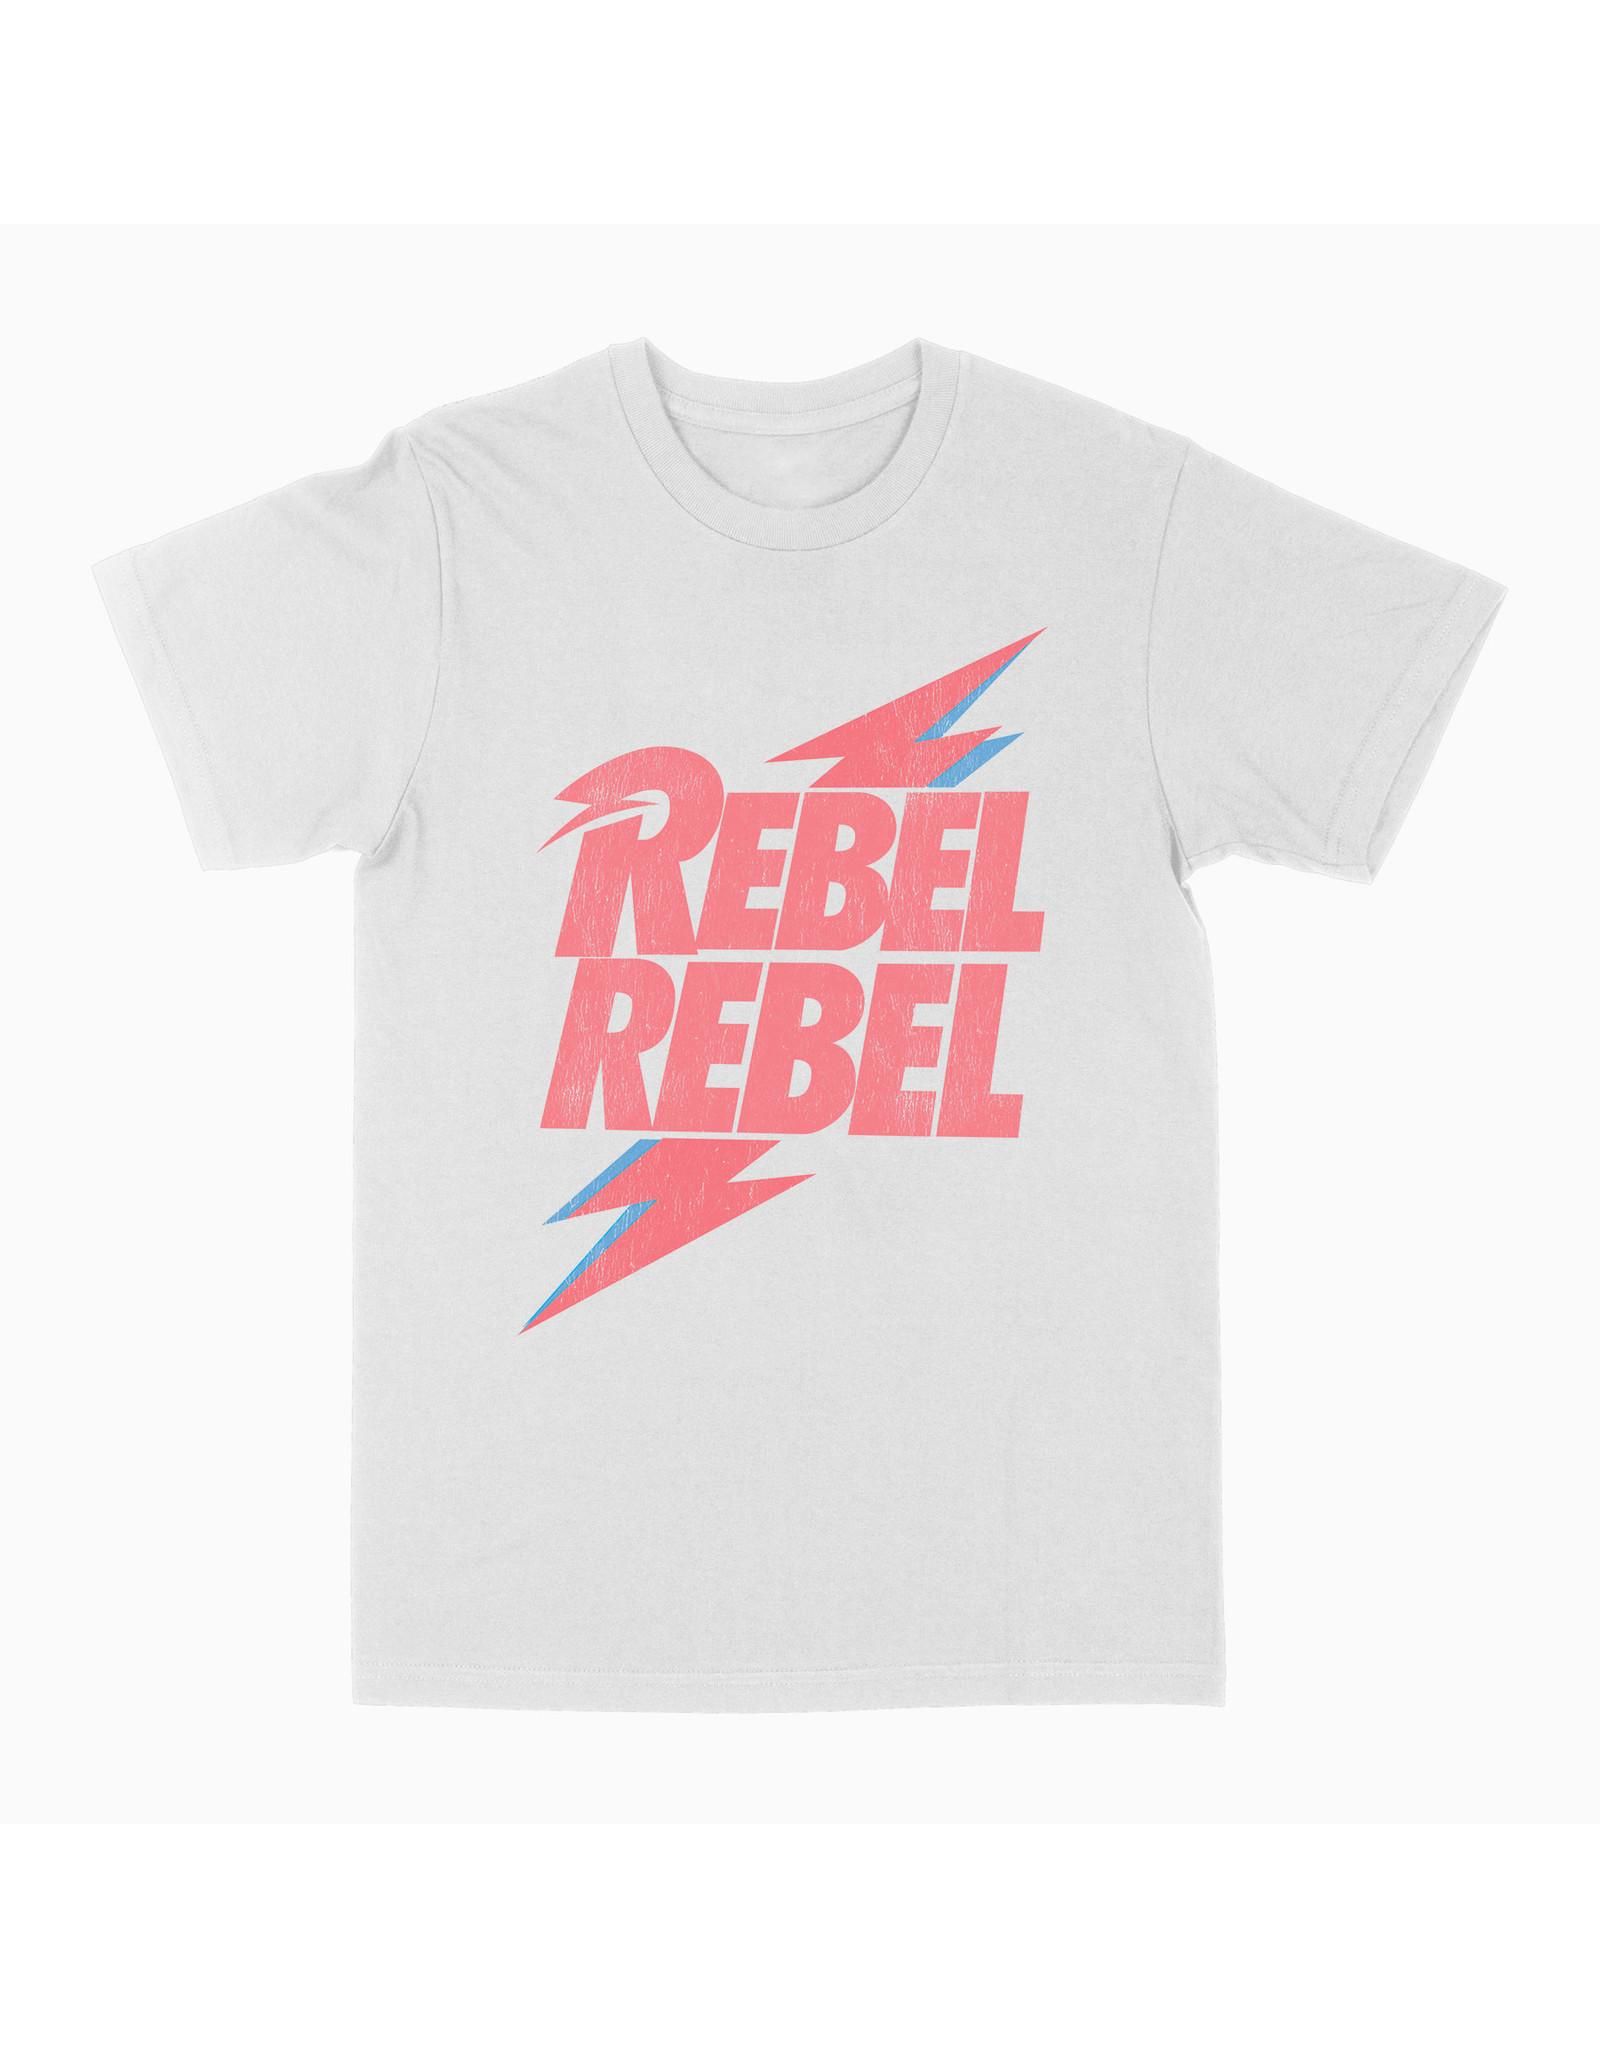 David Bowie / Rebel Rebel Tee